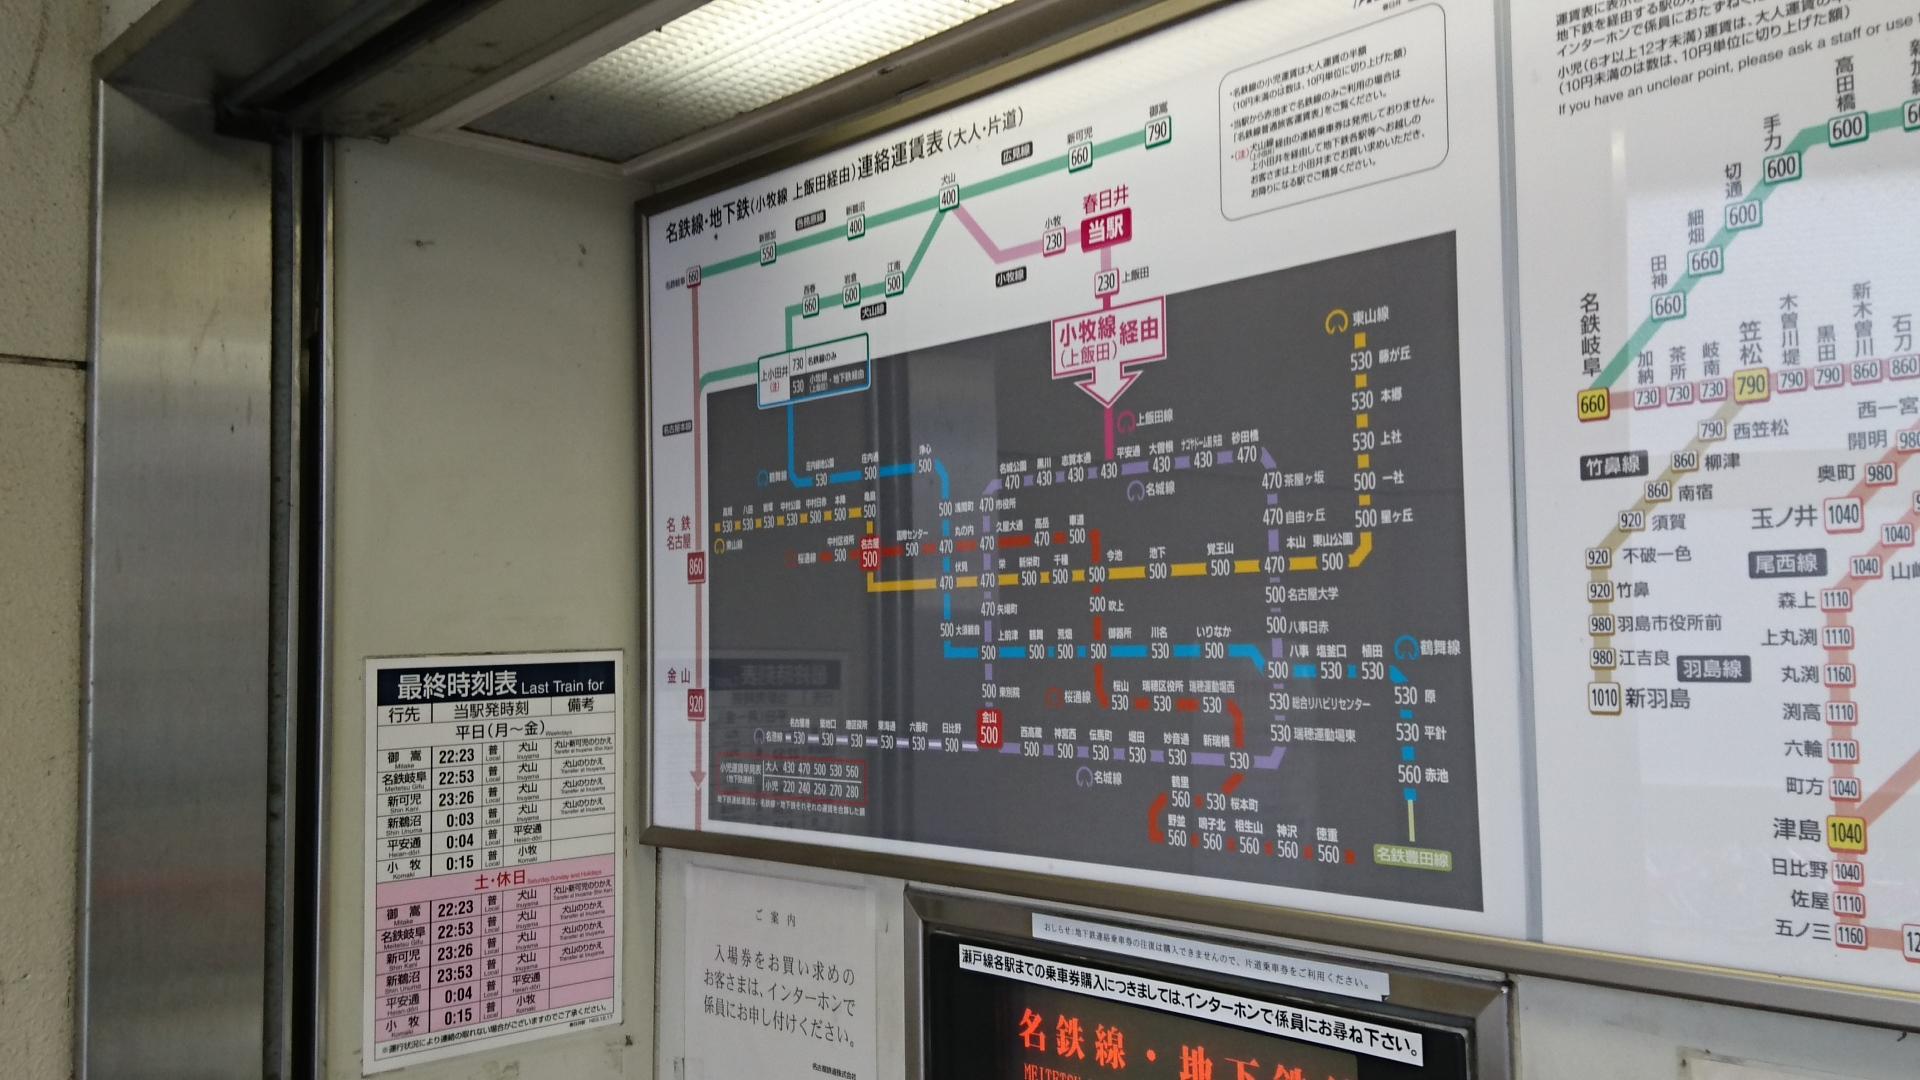 2017.1.13 名古屋から春日井まで (41) 春日井 - 地下鉄連絡料金表 1920-1080